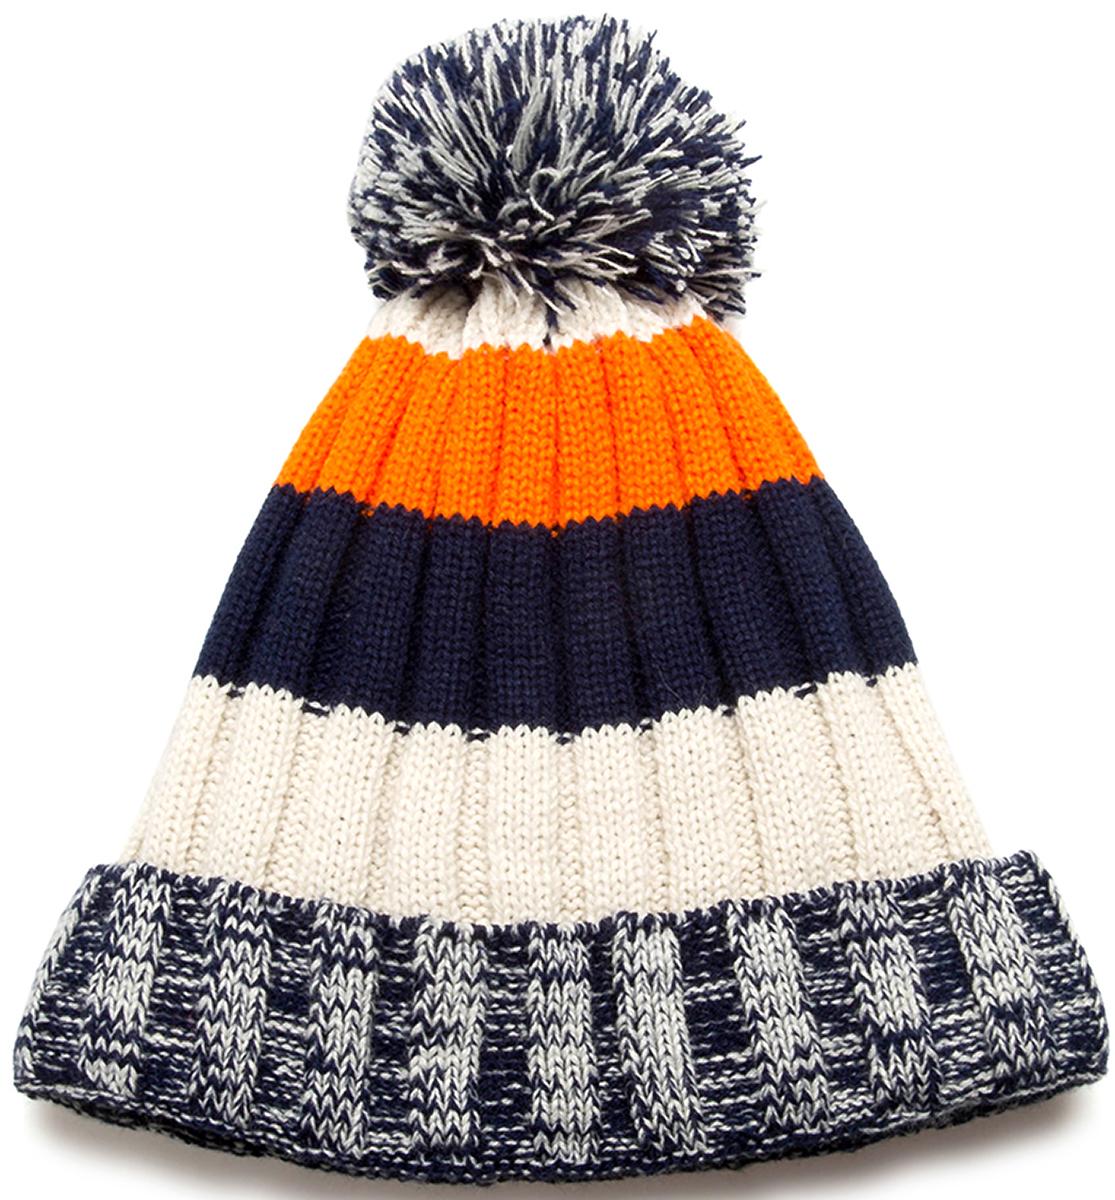 Шапка для мальчика Acoola Kleu, цвет: темно-синий, молочный, оранжевый. 20116400023. Размер L (54)20116400023Детская шапка от Acoola выполнена из натуральной акриловой пряжи и декорирована помпоном. Такая шапка согреет вашего ребенка в холодное время года.